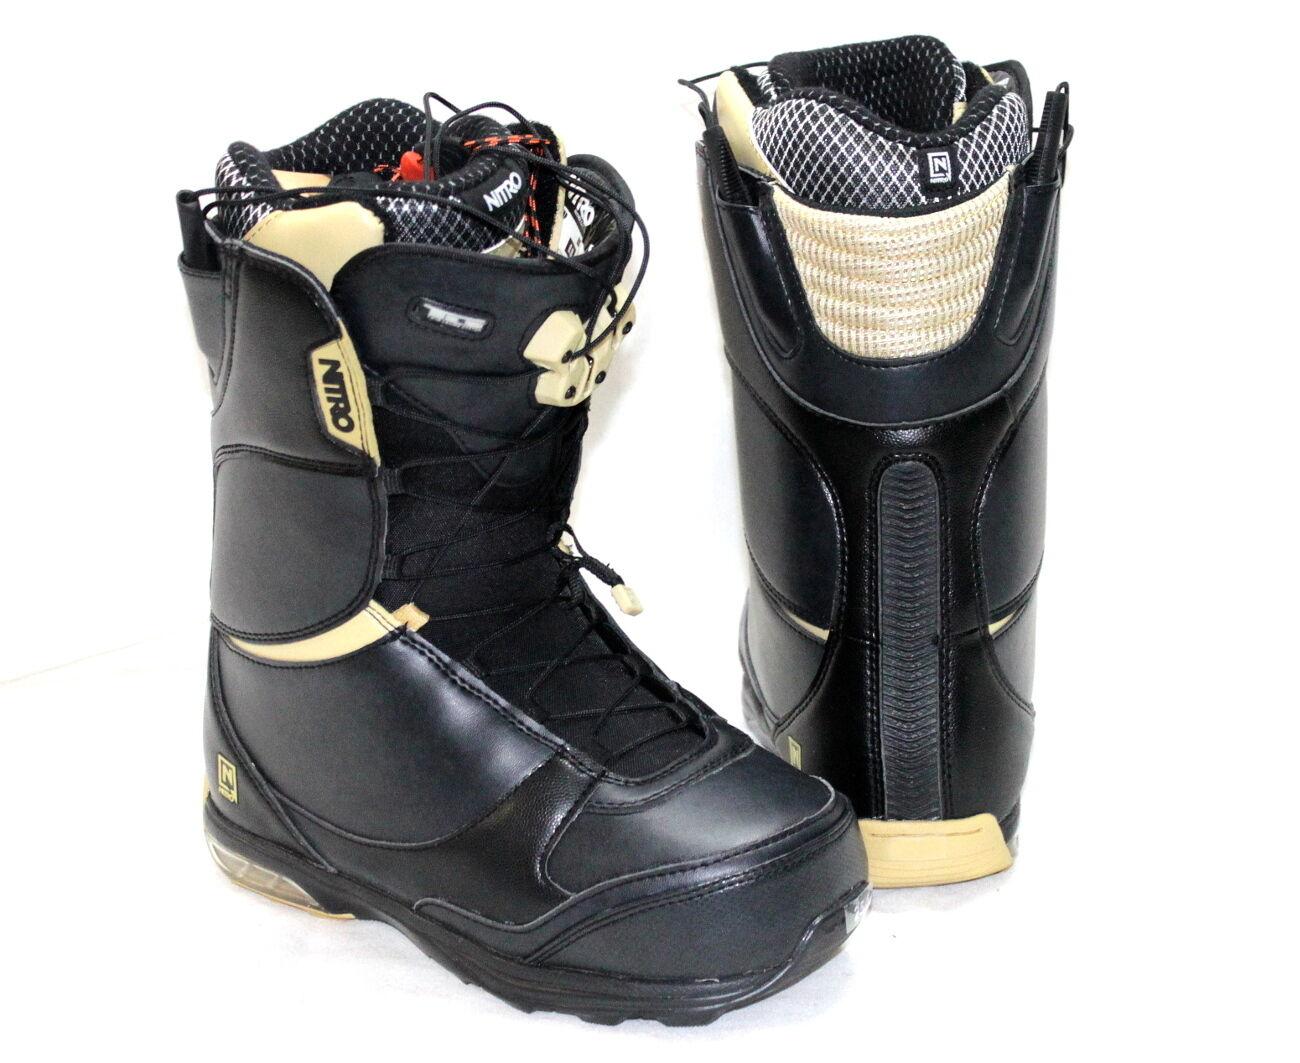 Nitro Faint Tls Snowboard Boots 39 1 3 38 Eu shoes New SOFT mi S-N 7